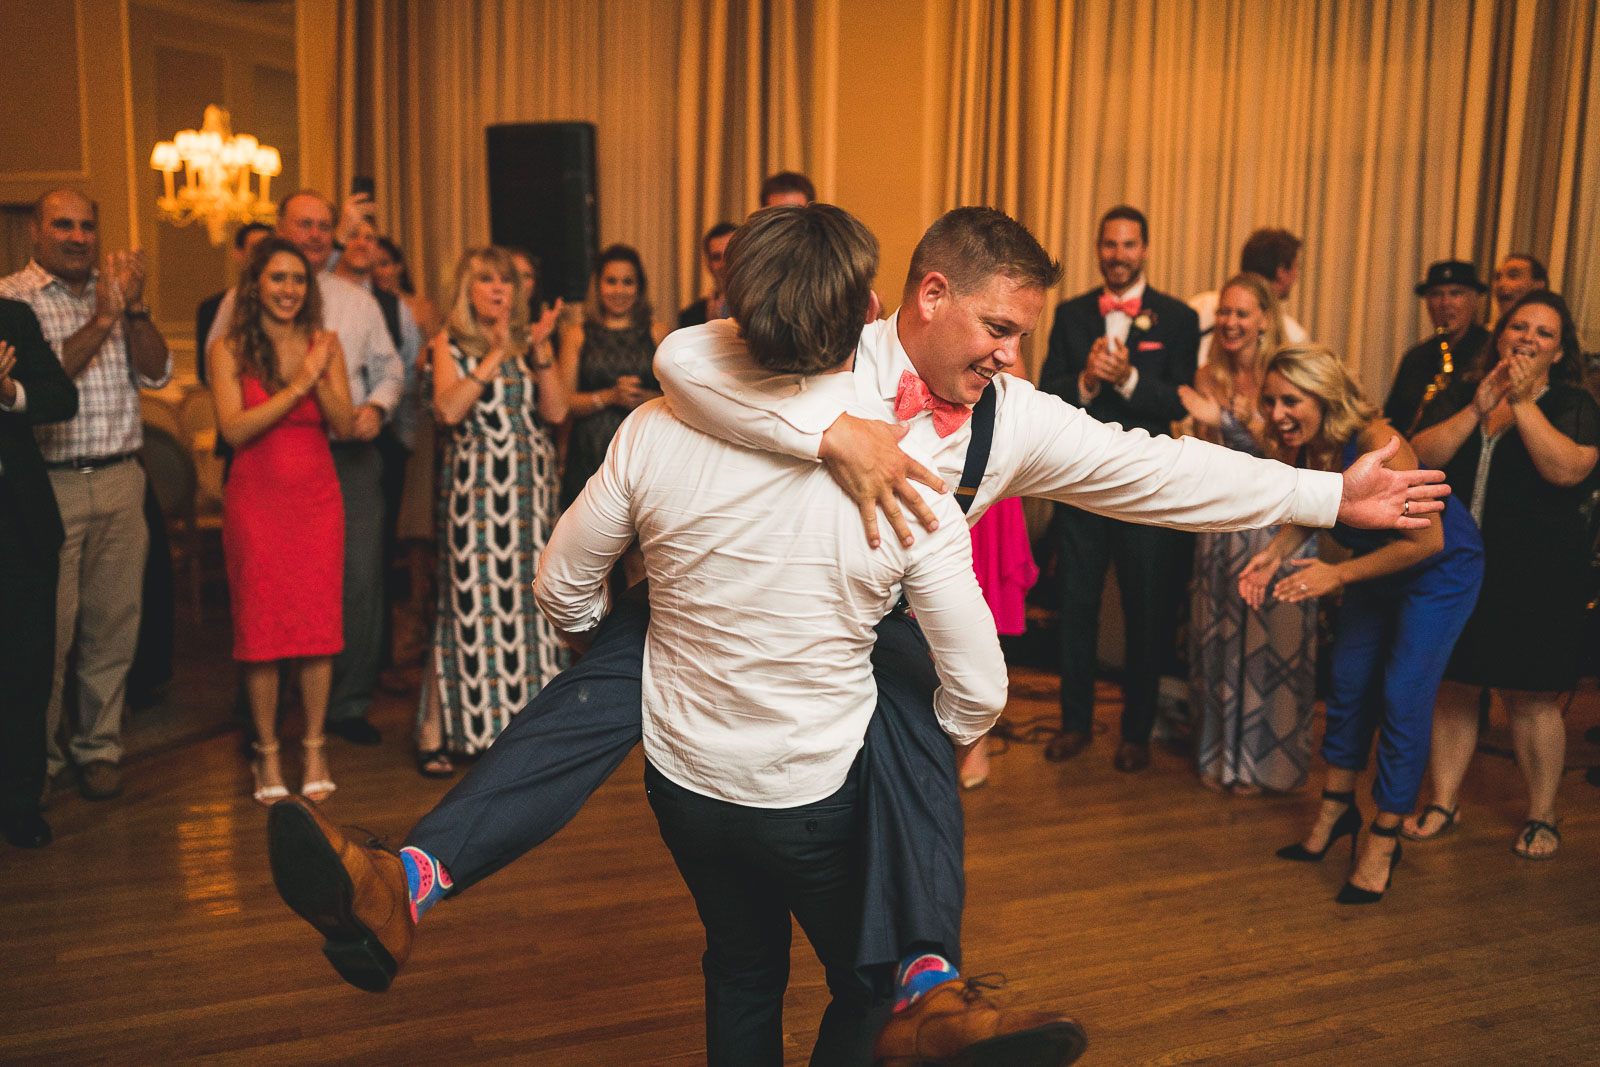 Spring Lake Bath & Tennis Club Wedding Reception